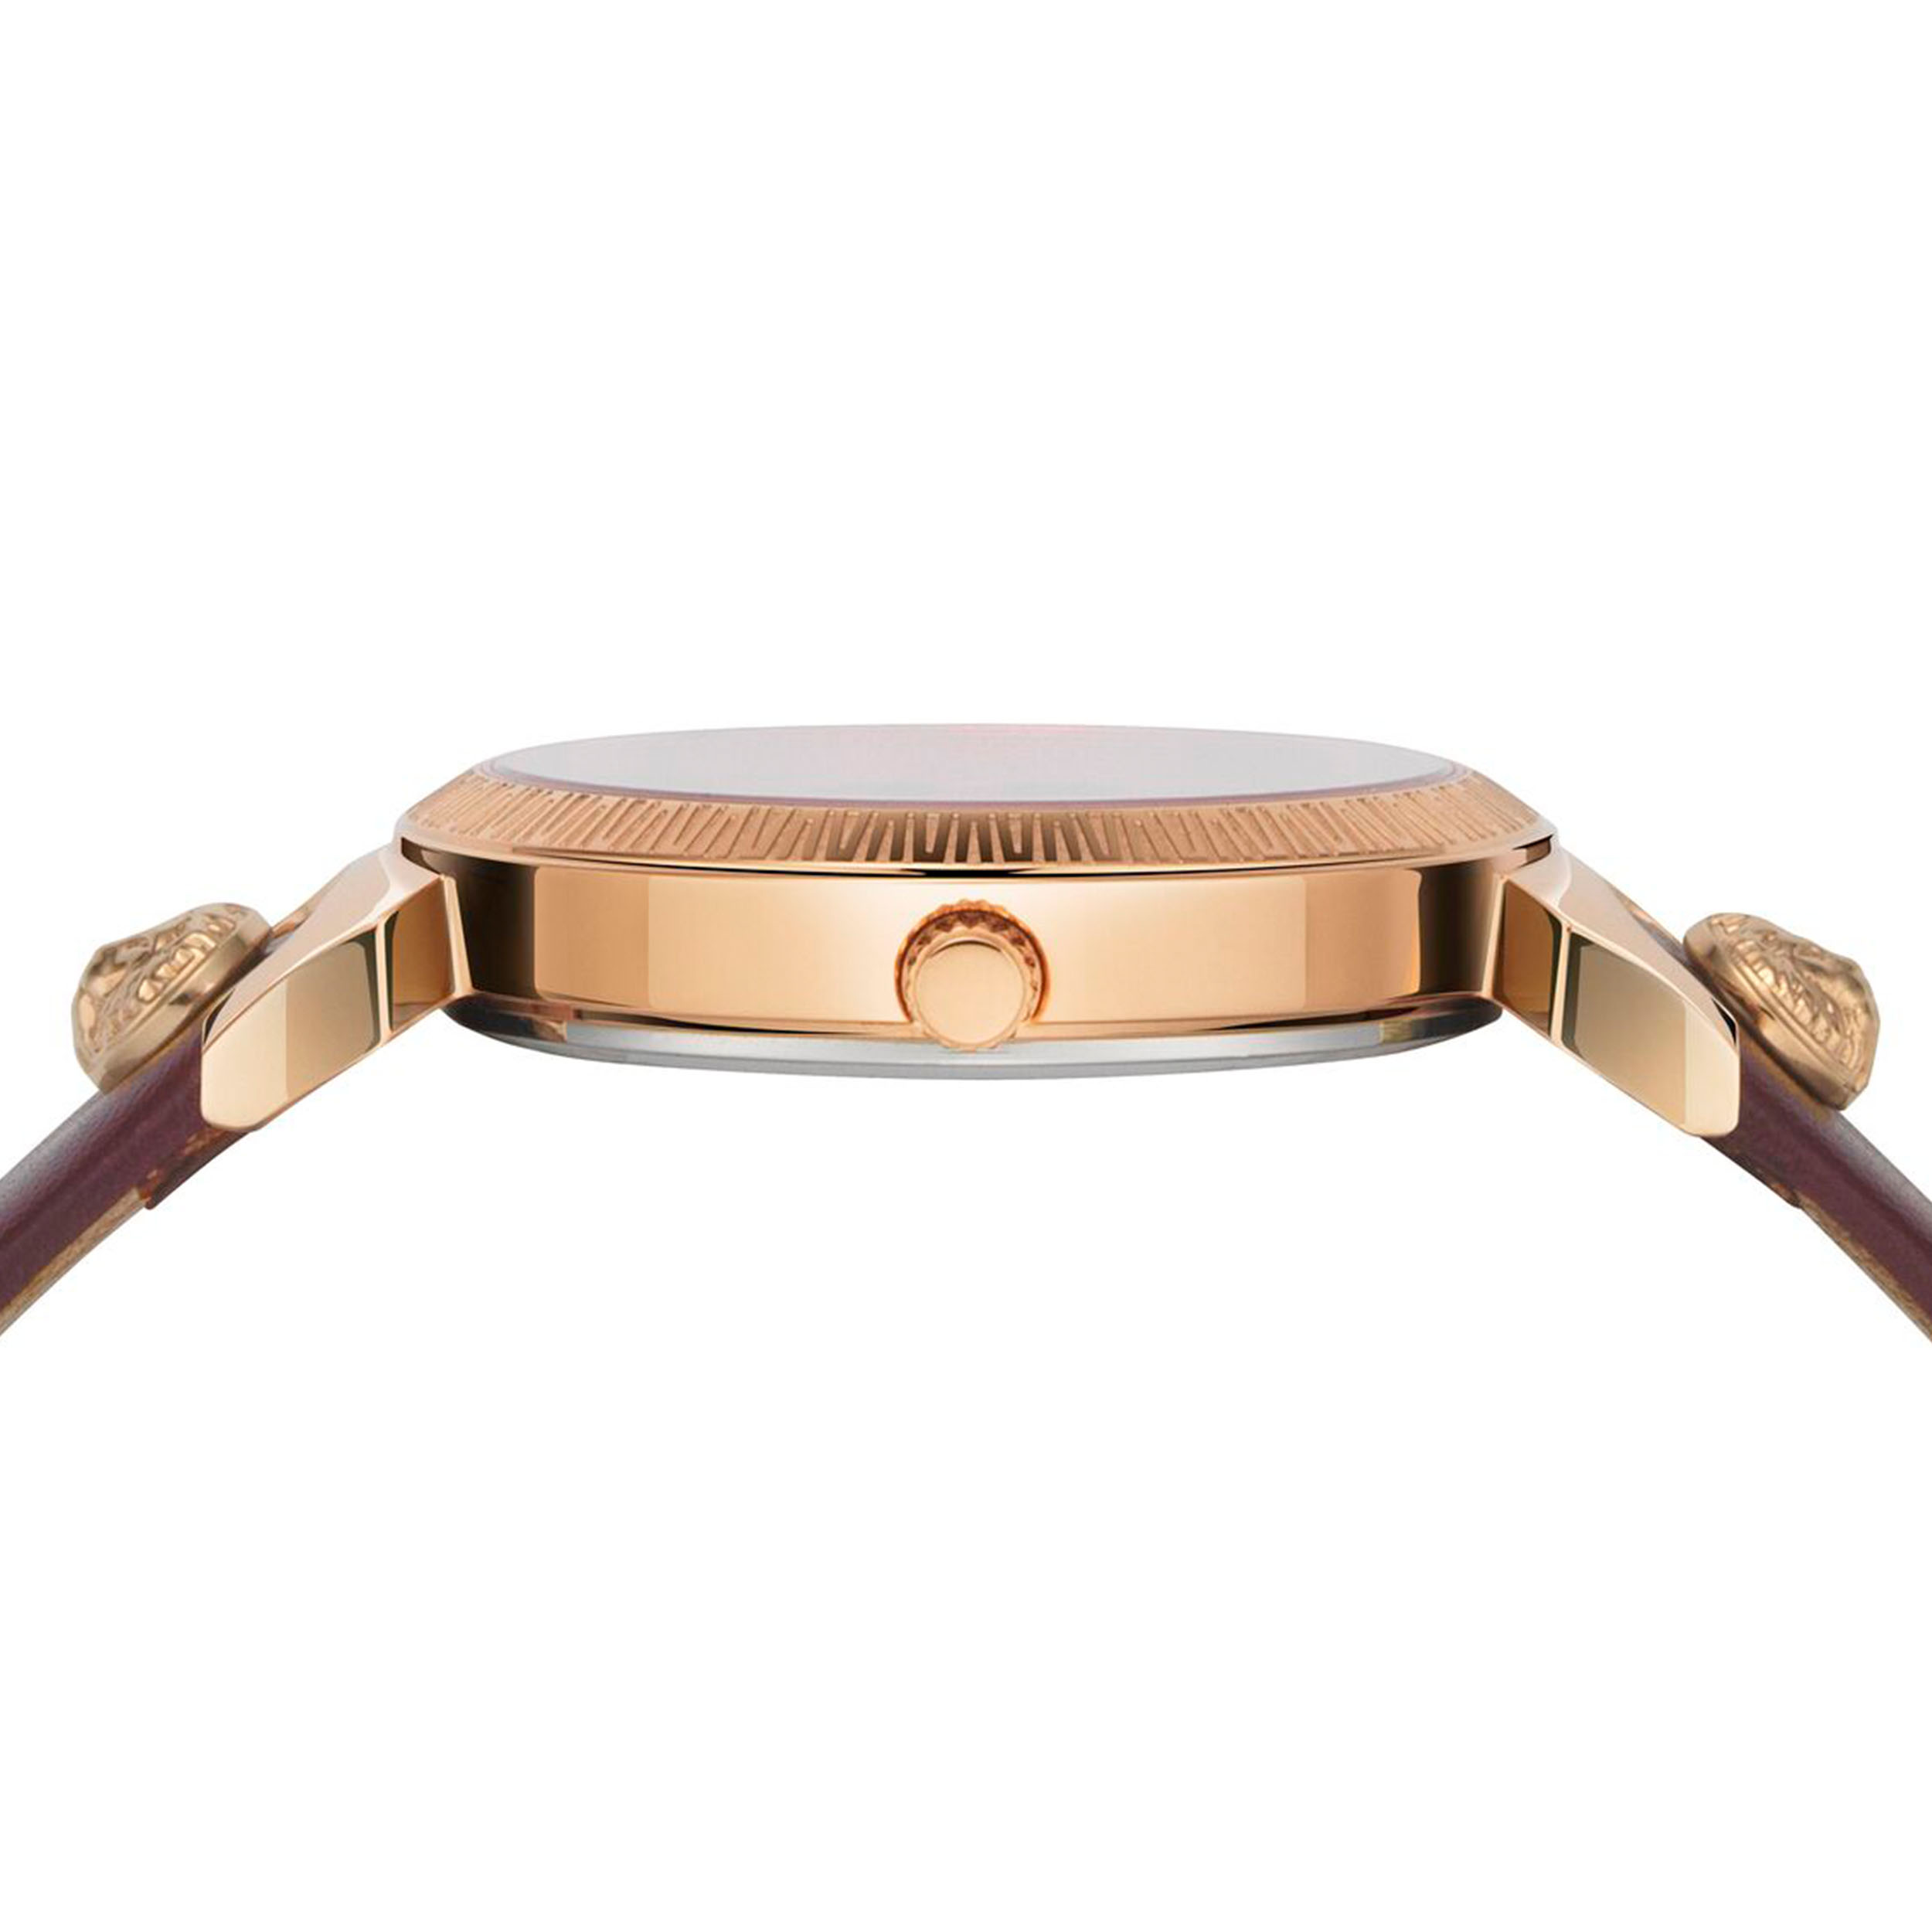 ساعت مچی عقربه ای زنانه ورسوس ورساچه مدل VPSEO0419              ارزان